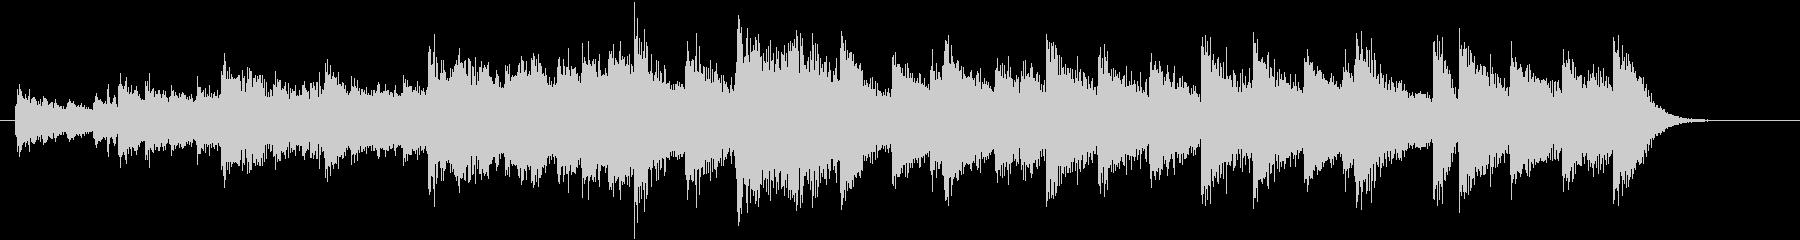 もろびとこぞりてモチーフピアノジングルEの未再生の波形